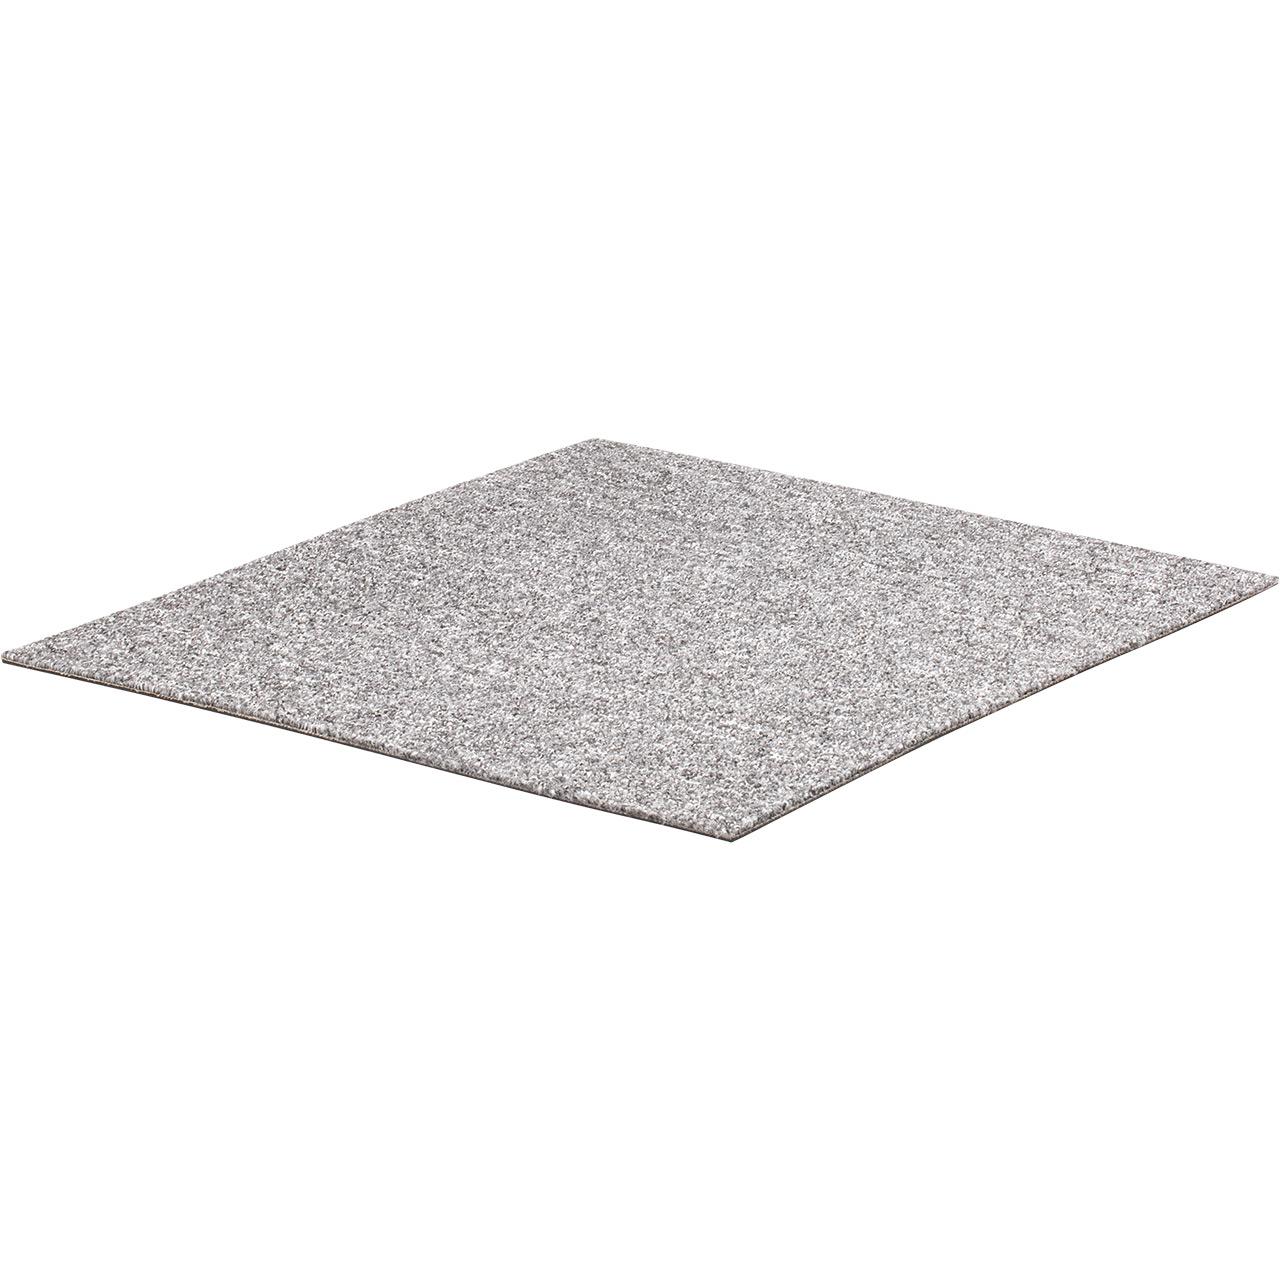 Häufig Teppichboden Fliesen günstig kaufen | € 3,69 / Stück UZ64